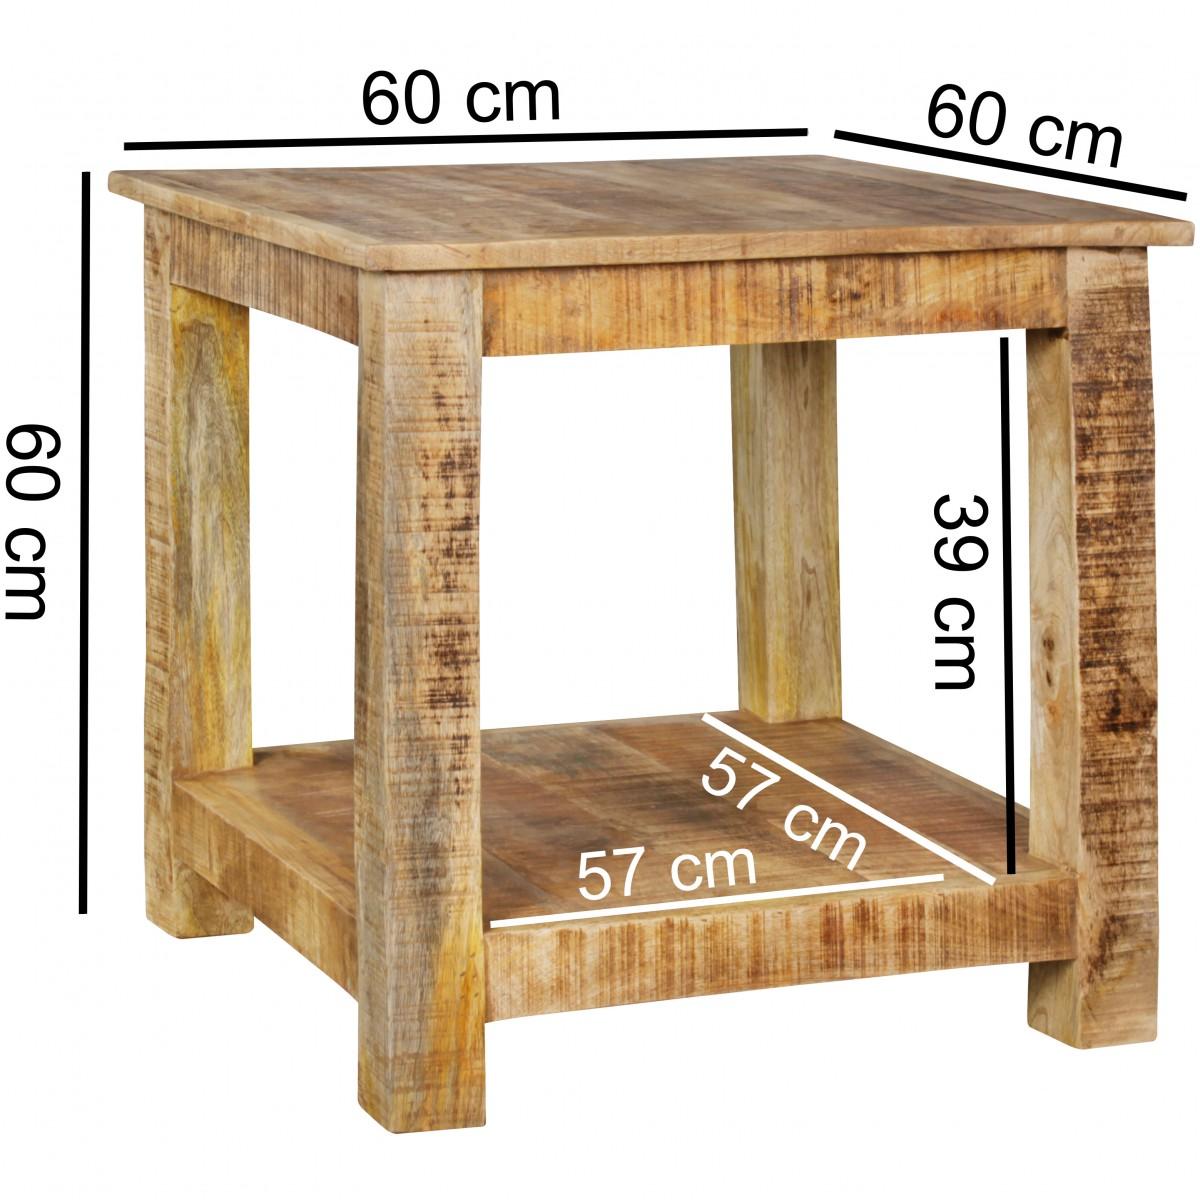 Couchtisch Holz 60 X 60 Beistelltisch Massiv Holz Akazie 60 X 60